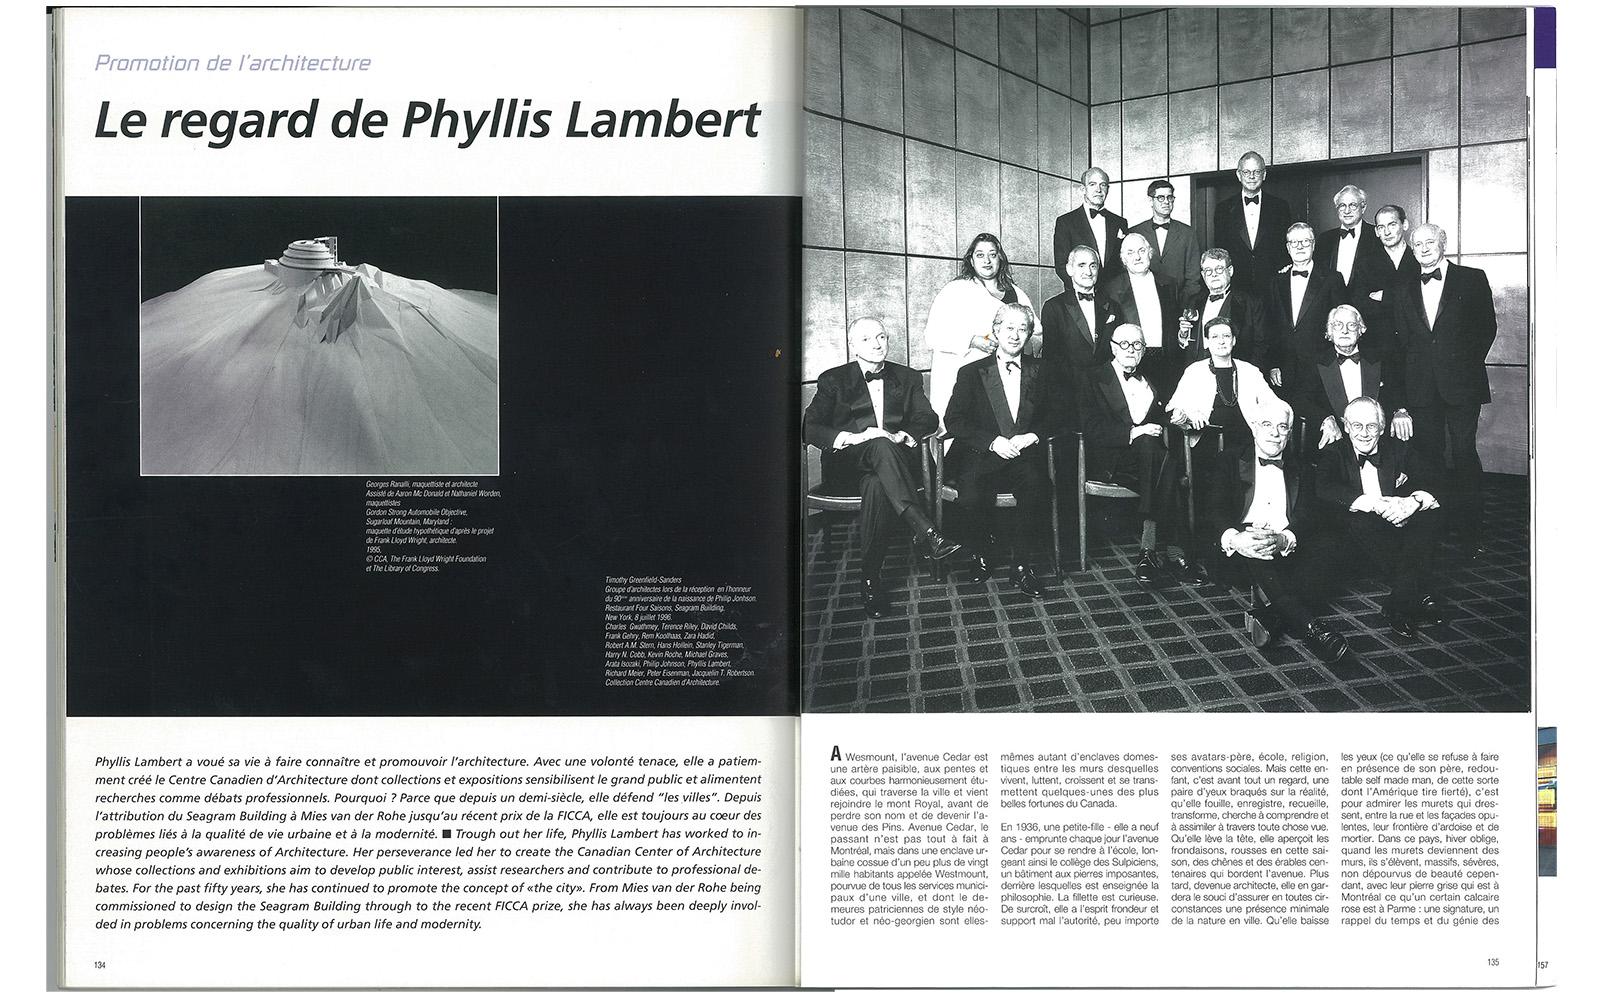 Rétro: Le regard de Phyllis Lambert